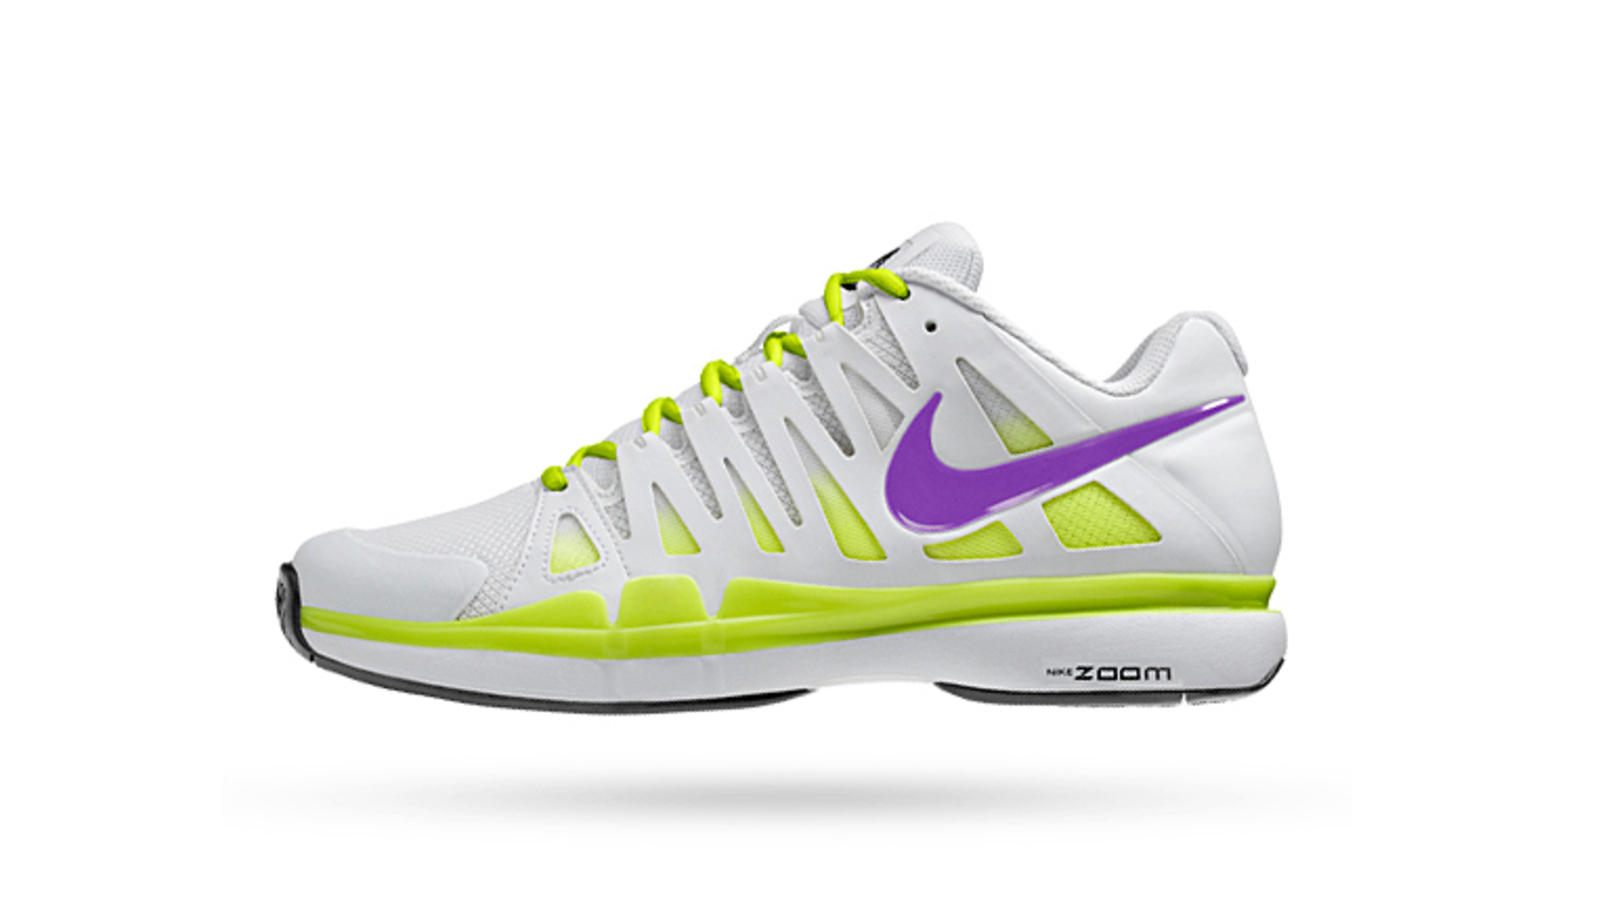 Nike Zoom Vapor 9 Tour, NIKEiD